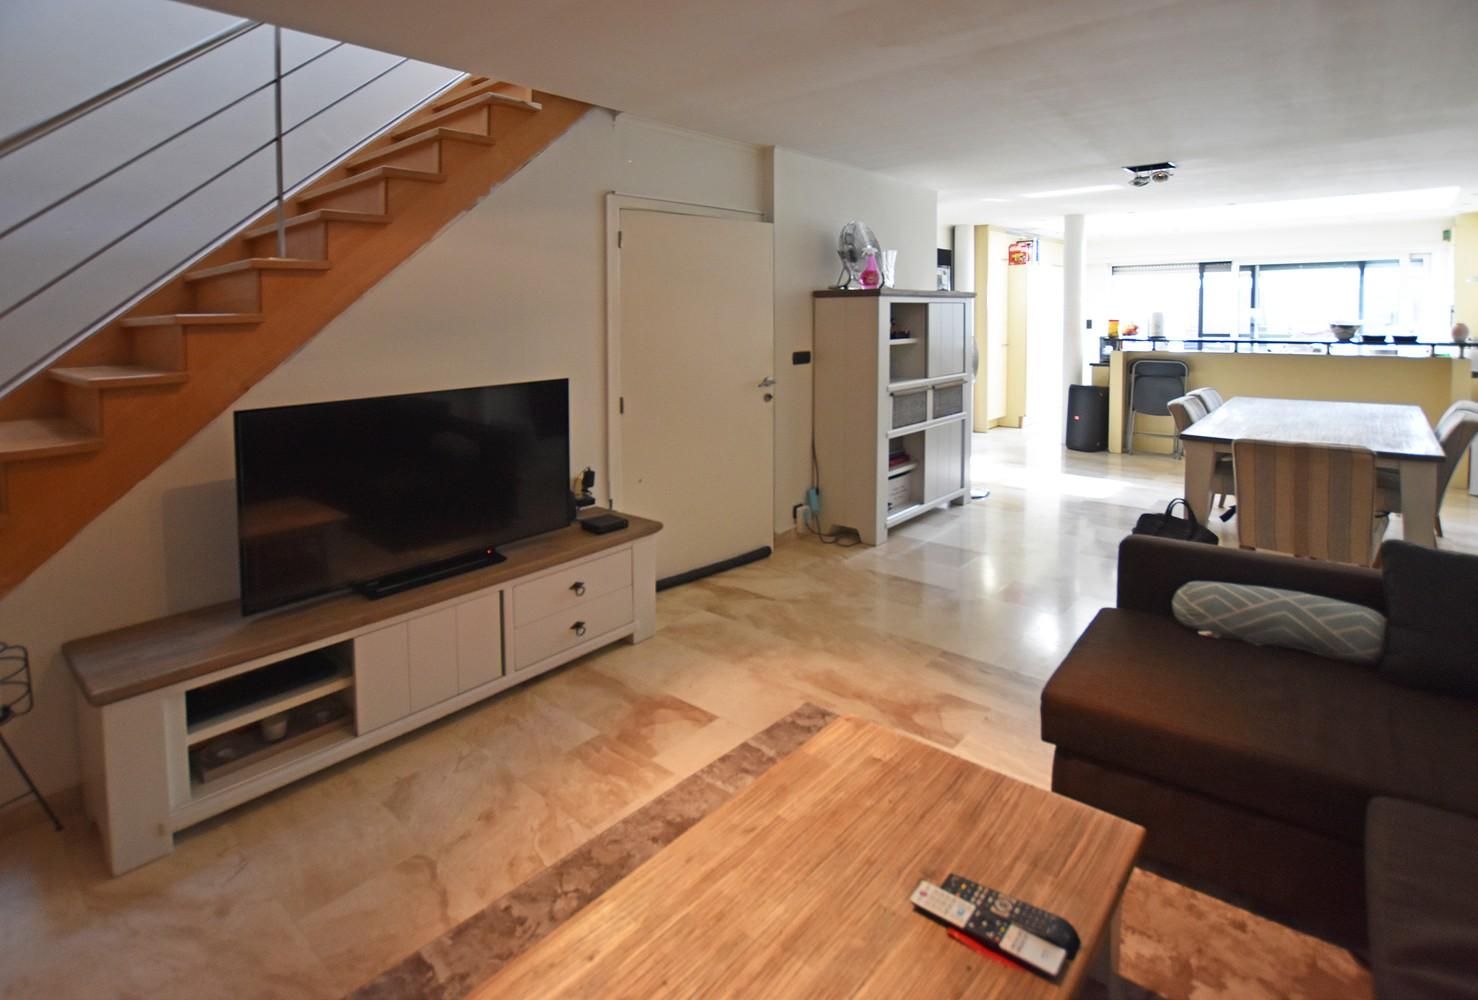 Woning/duplex-appartement met drie slaapkamers en een riant terras. afbeelding 4